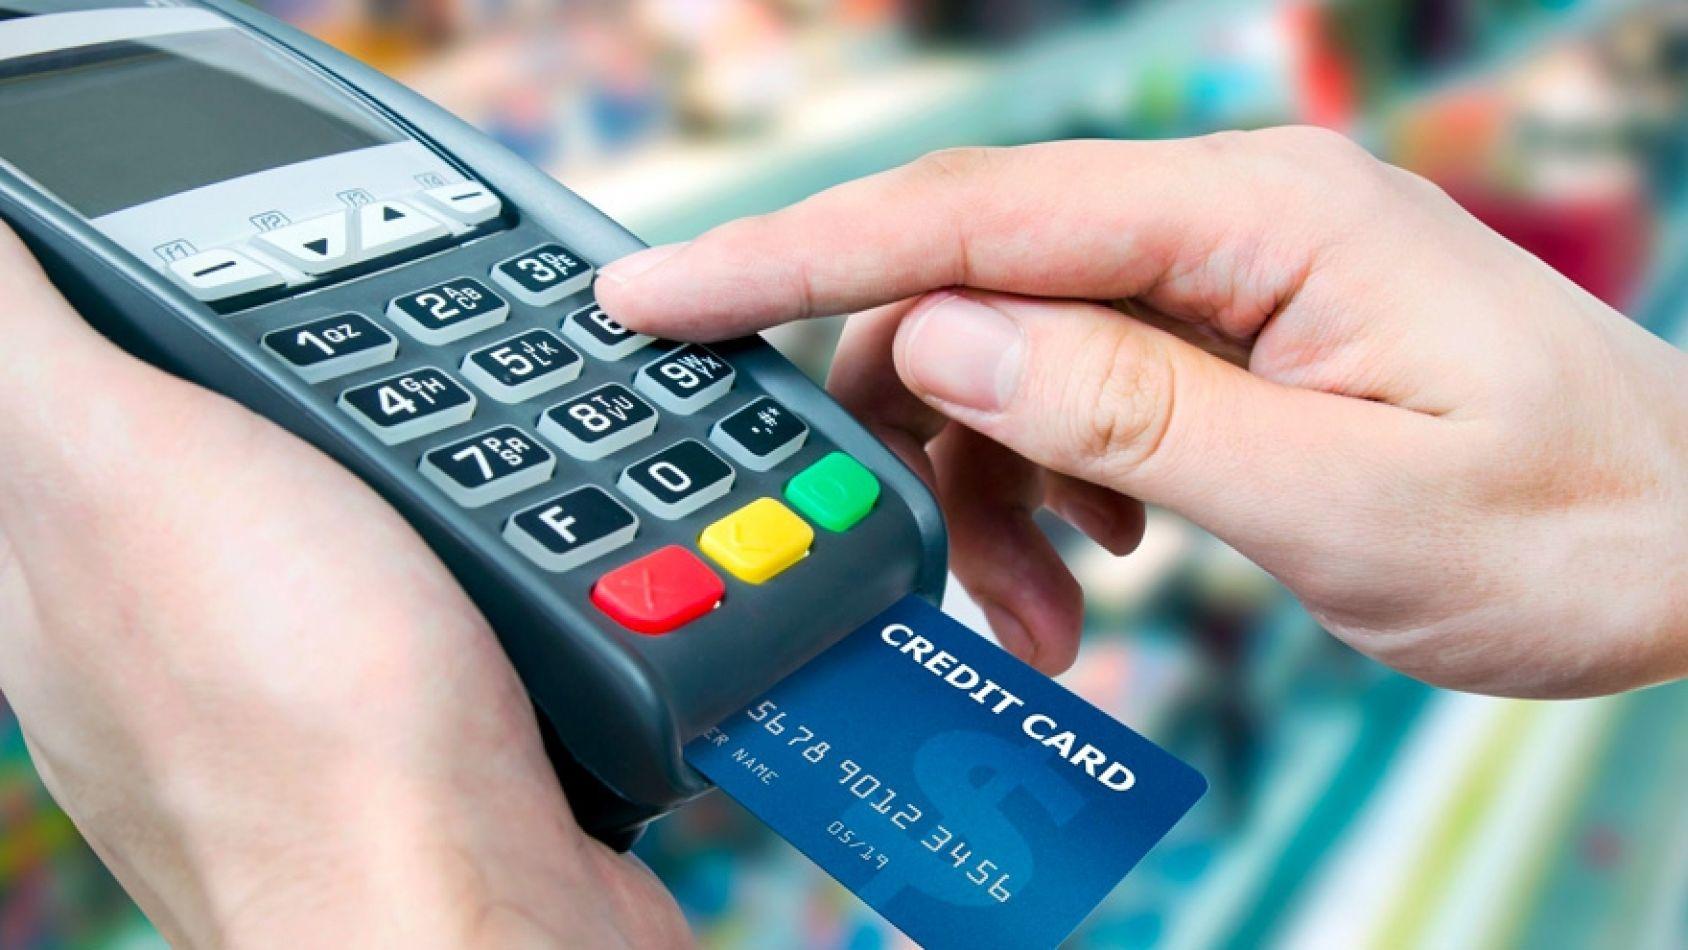 La pandemia acelera la preferencia por las transacciones online en el sector turismo.